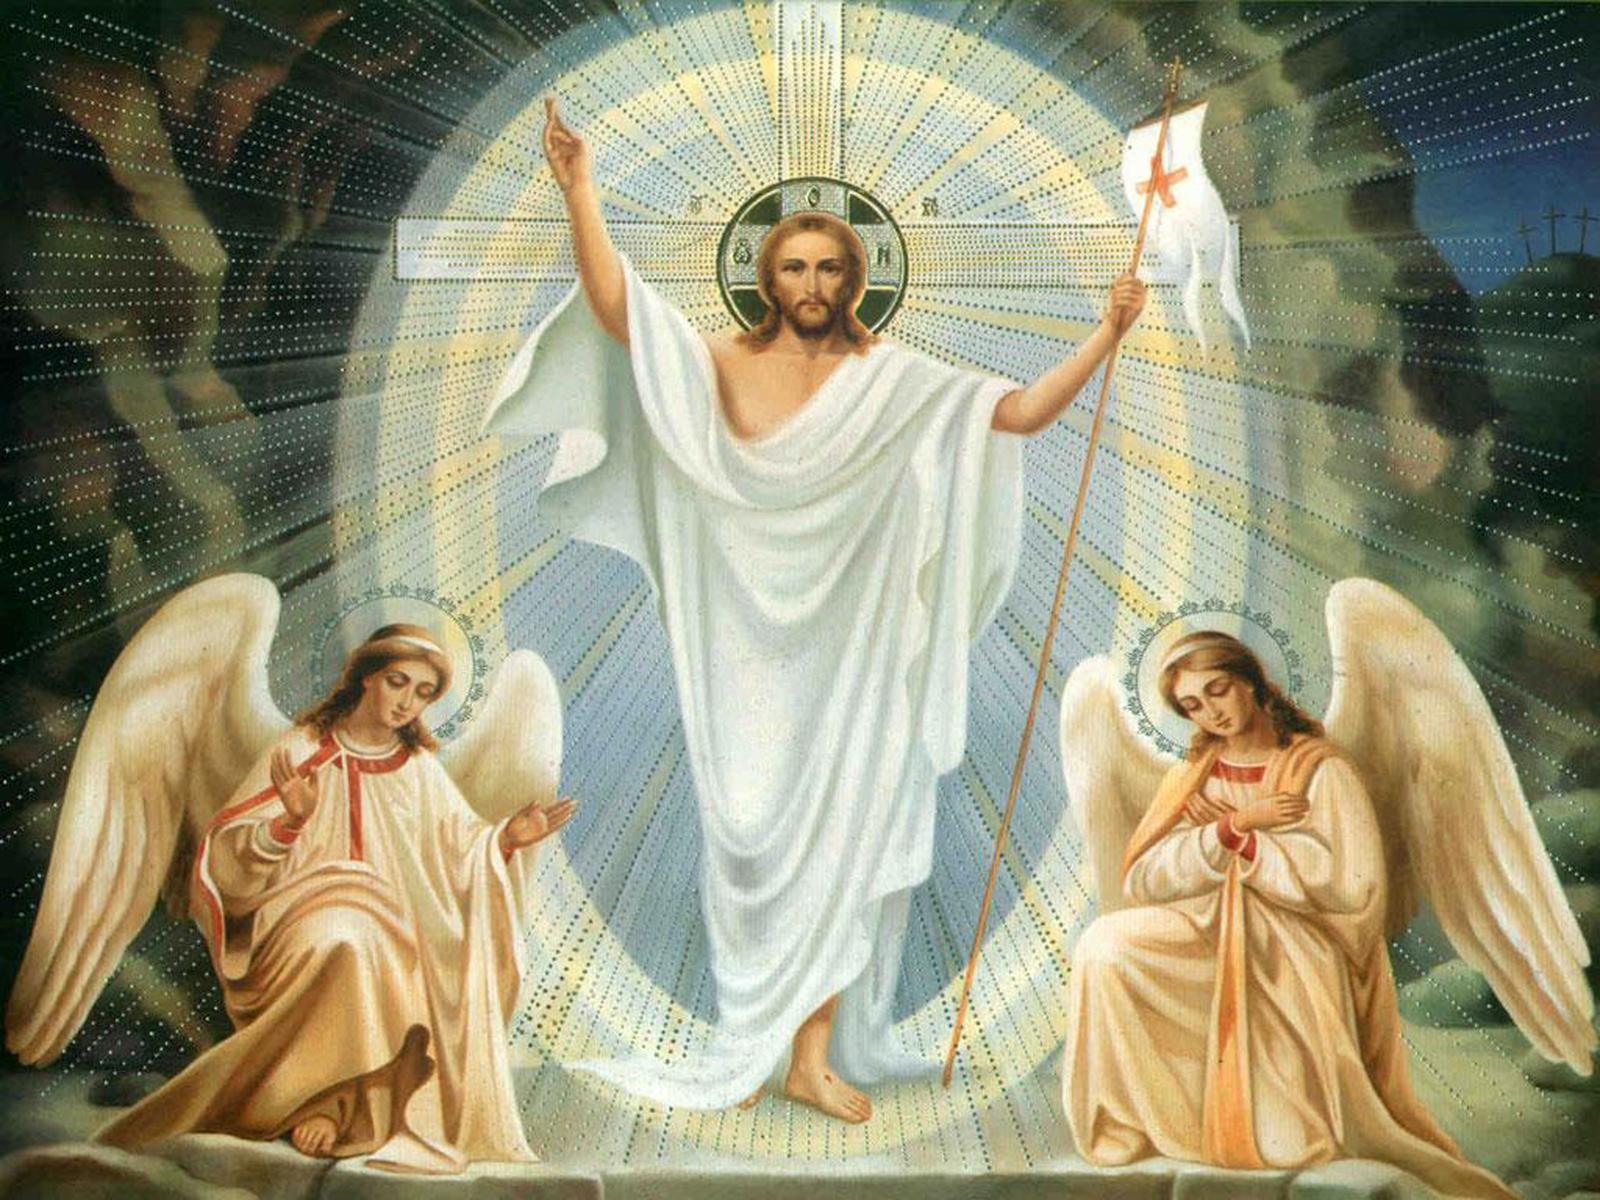 нашем христос воскресе картинки ангелы разноцветных листьев помогают